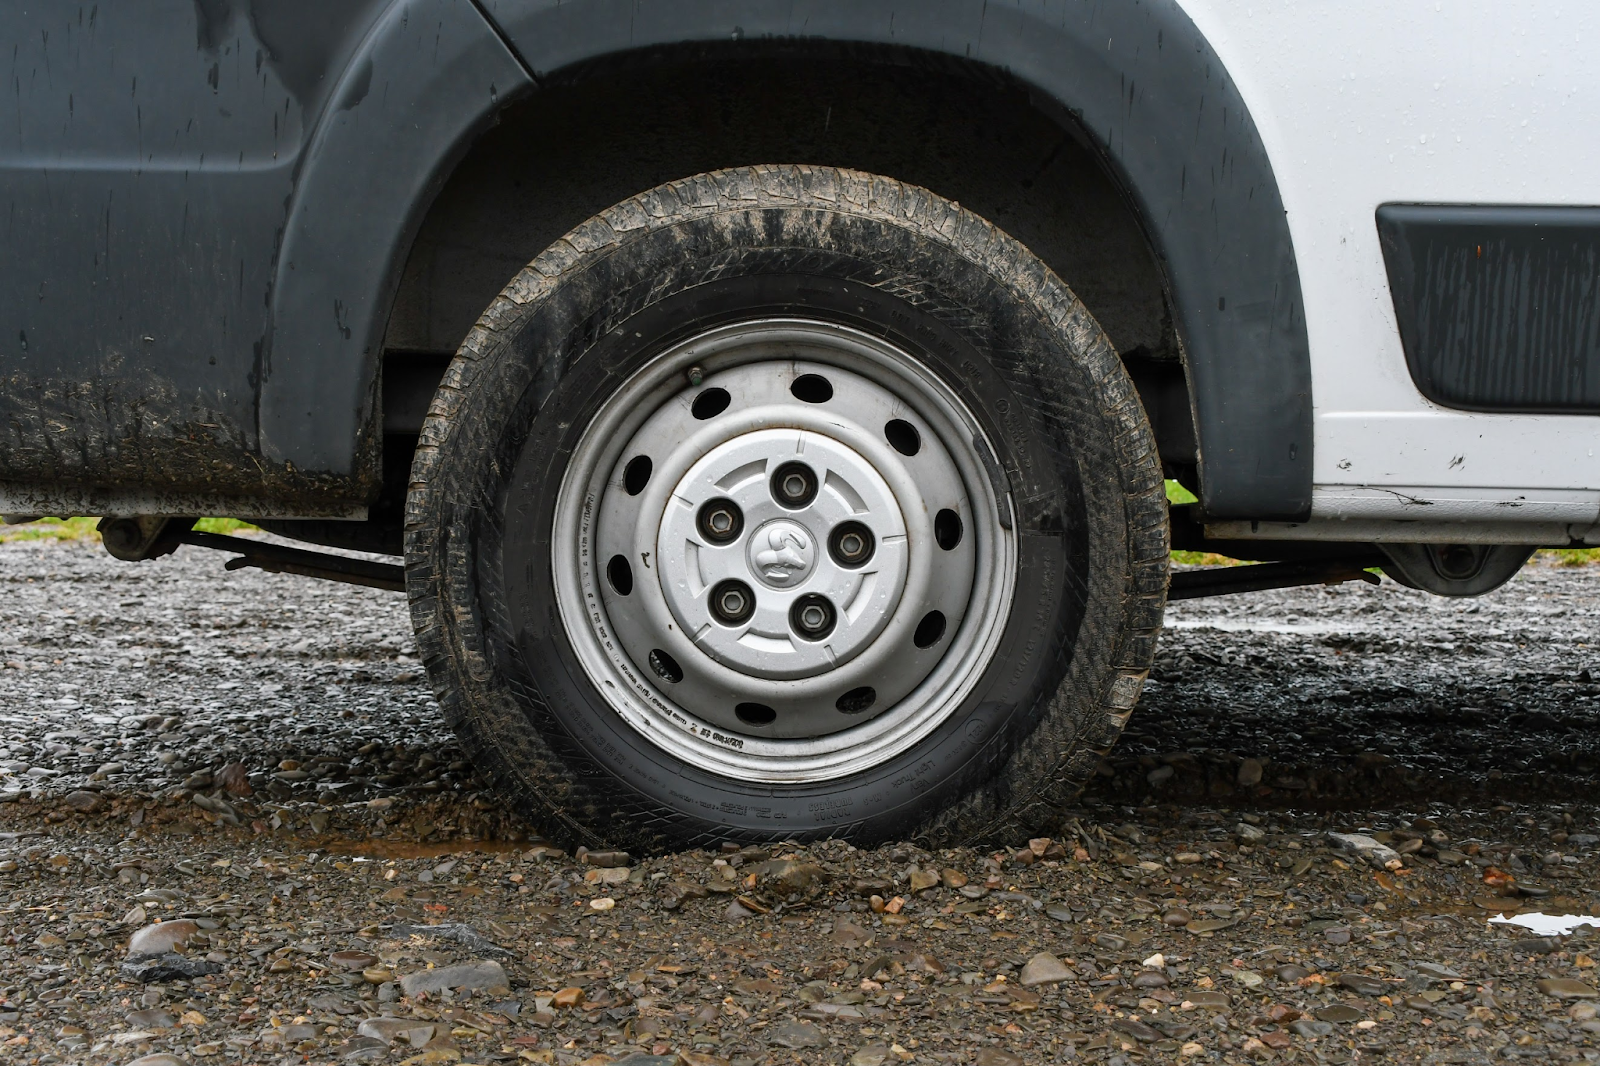 Closeup of a van tire sunken in mud.